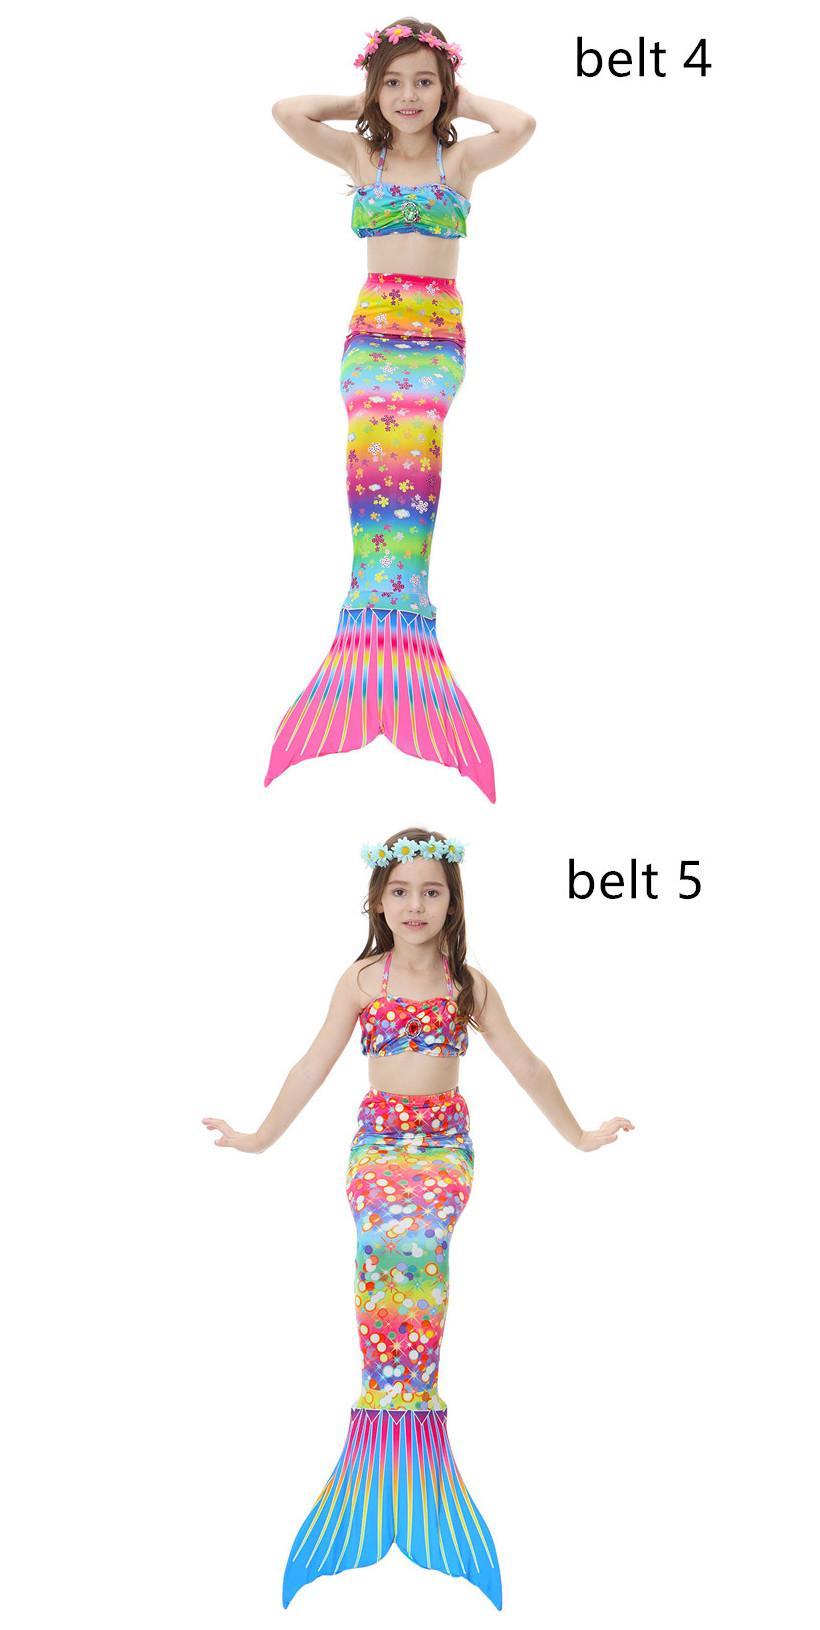 Meninas de Natação Sereia Cauda Crianças Maiô Para Meninas Two-piece Vestido de Fato De Banho Terno Do Esporte Criança Biquíni Maiô